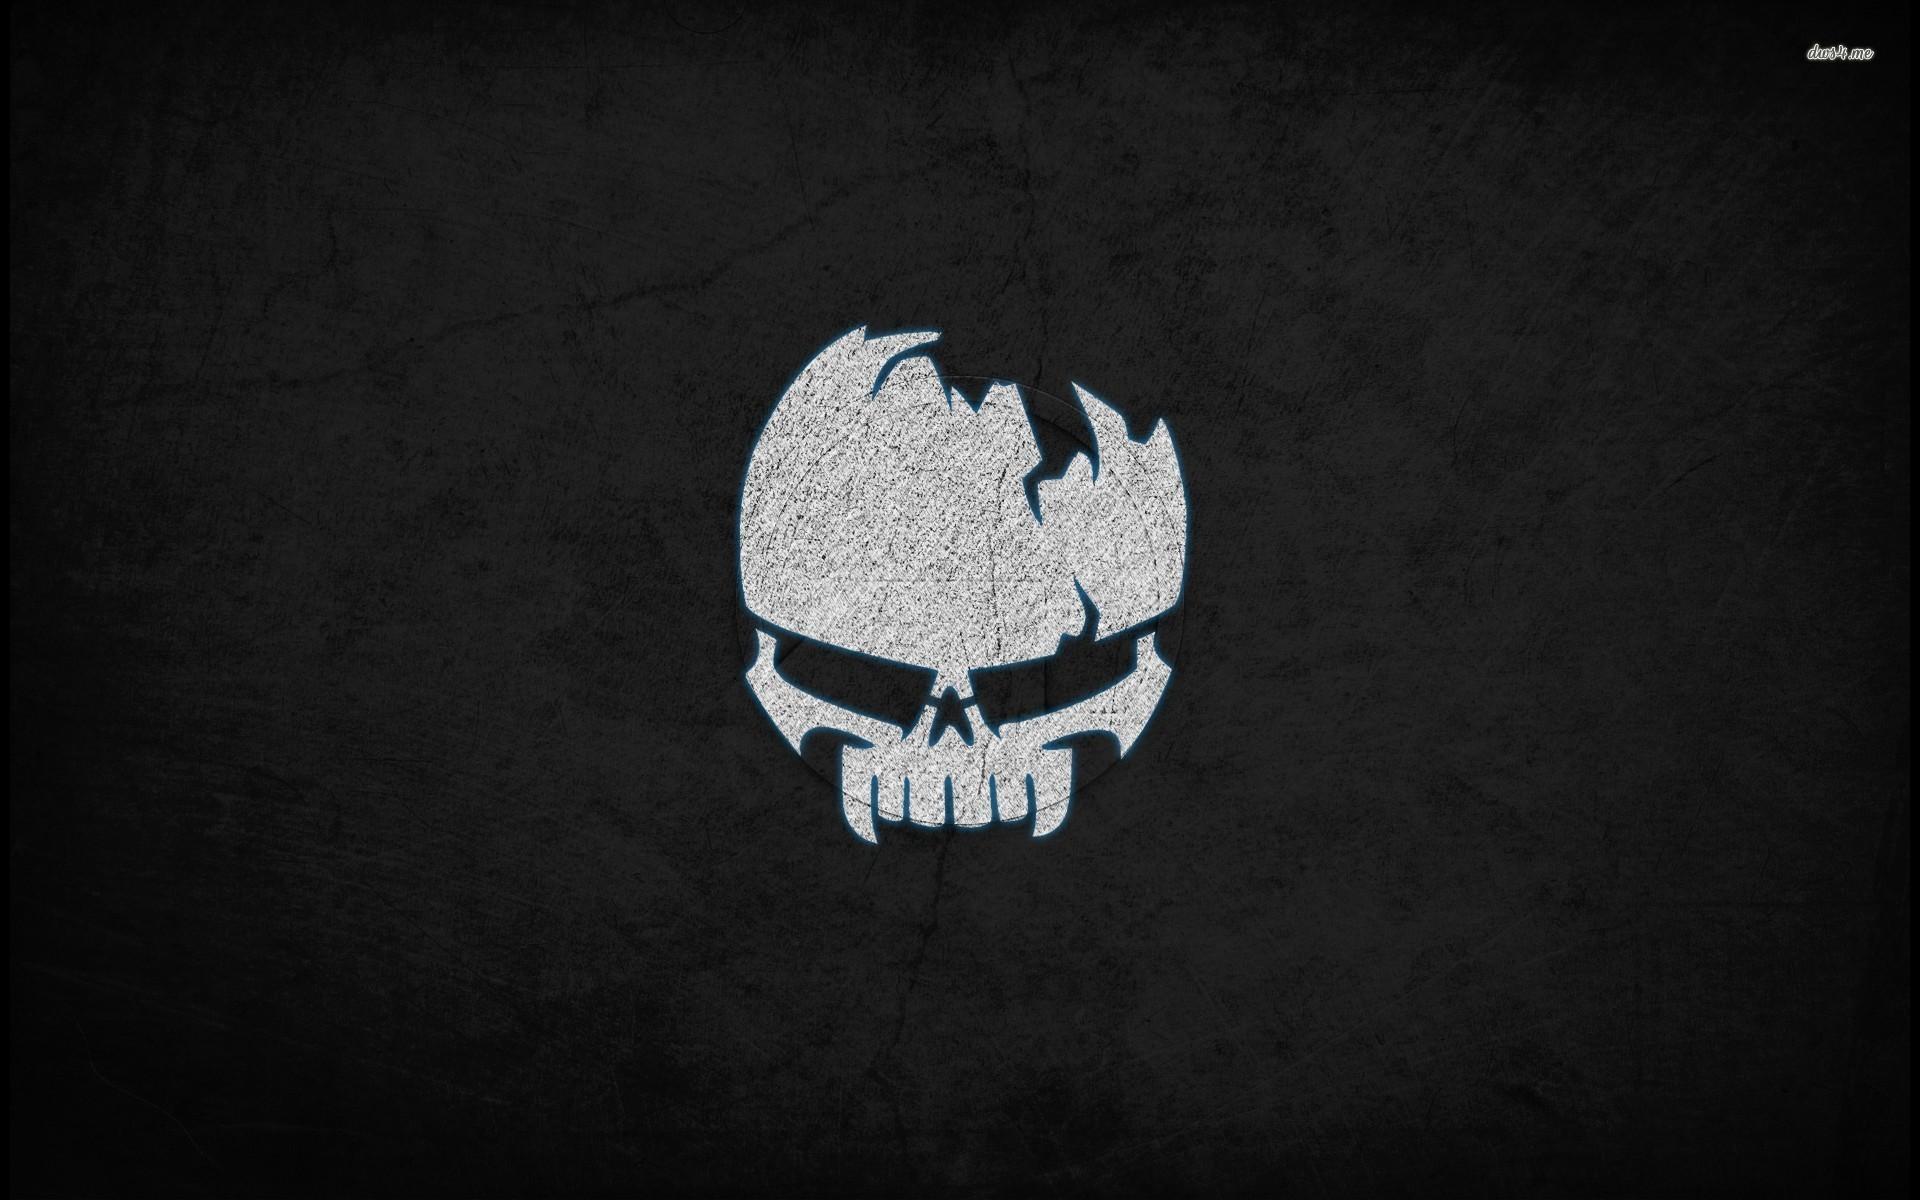 Skull wallpaper – Vector wallpapers – #21051